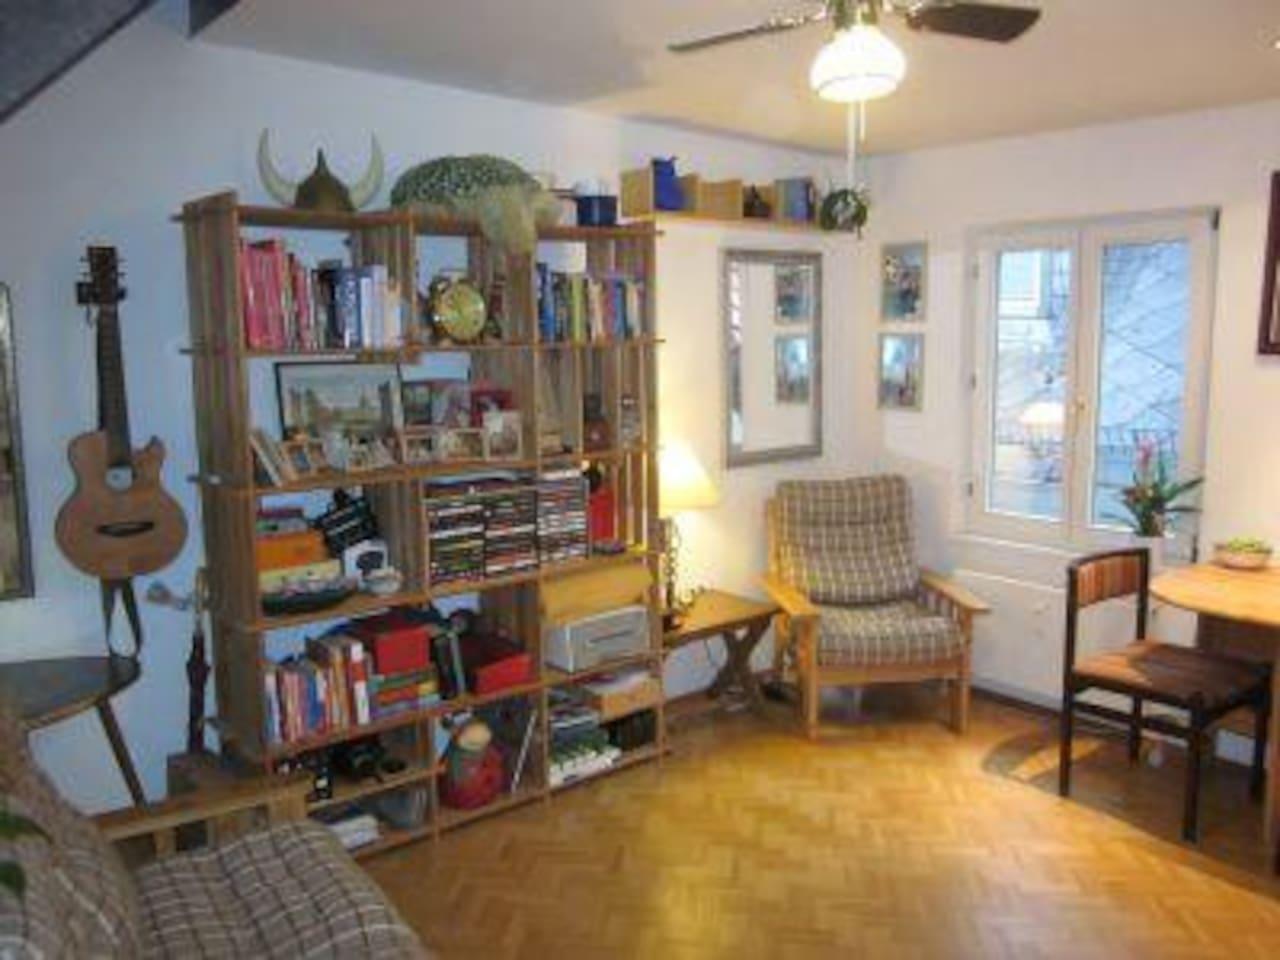 Lower floor, with kitchen, shower/bathroom, sofas, TV.